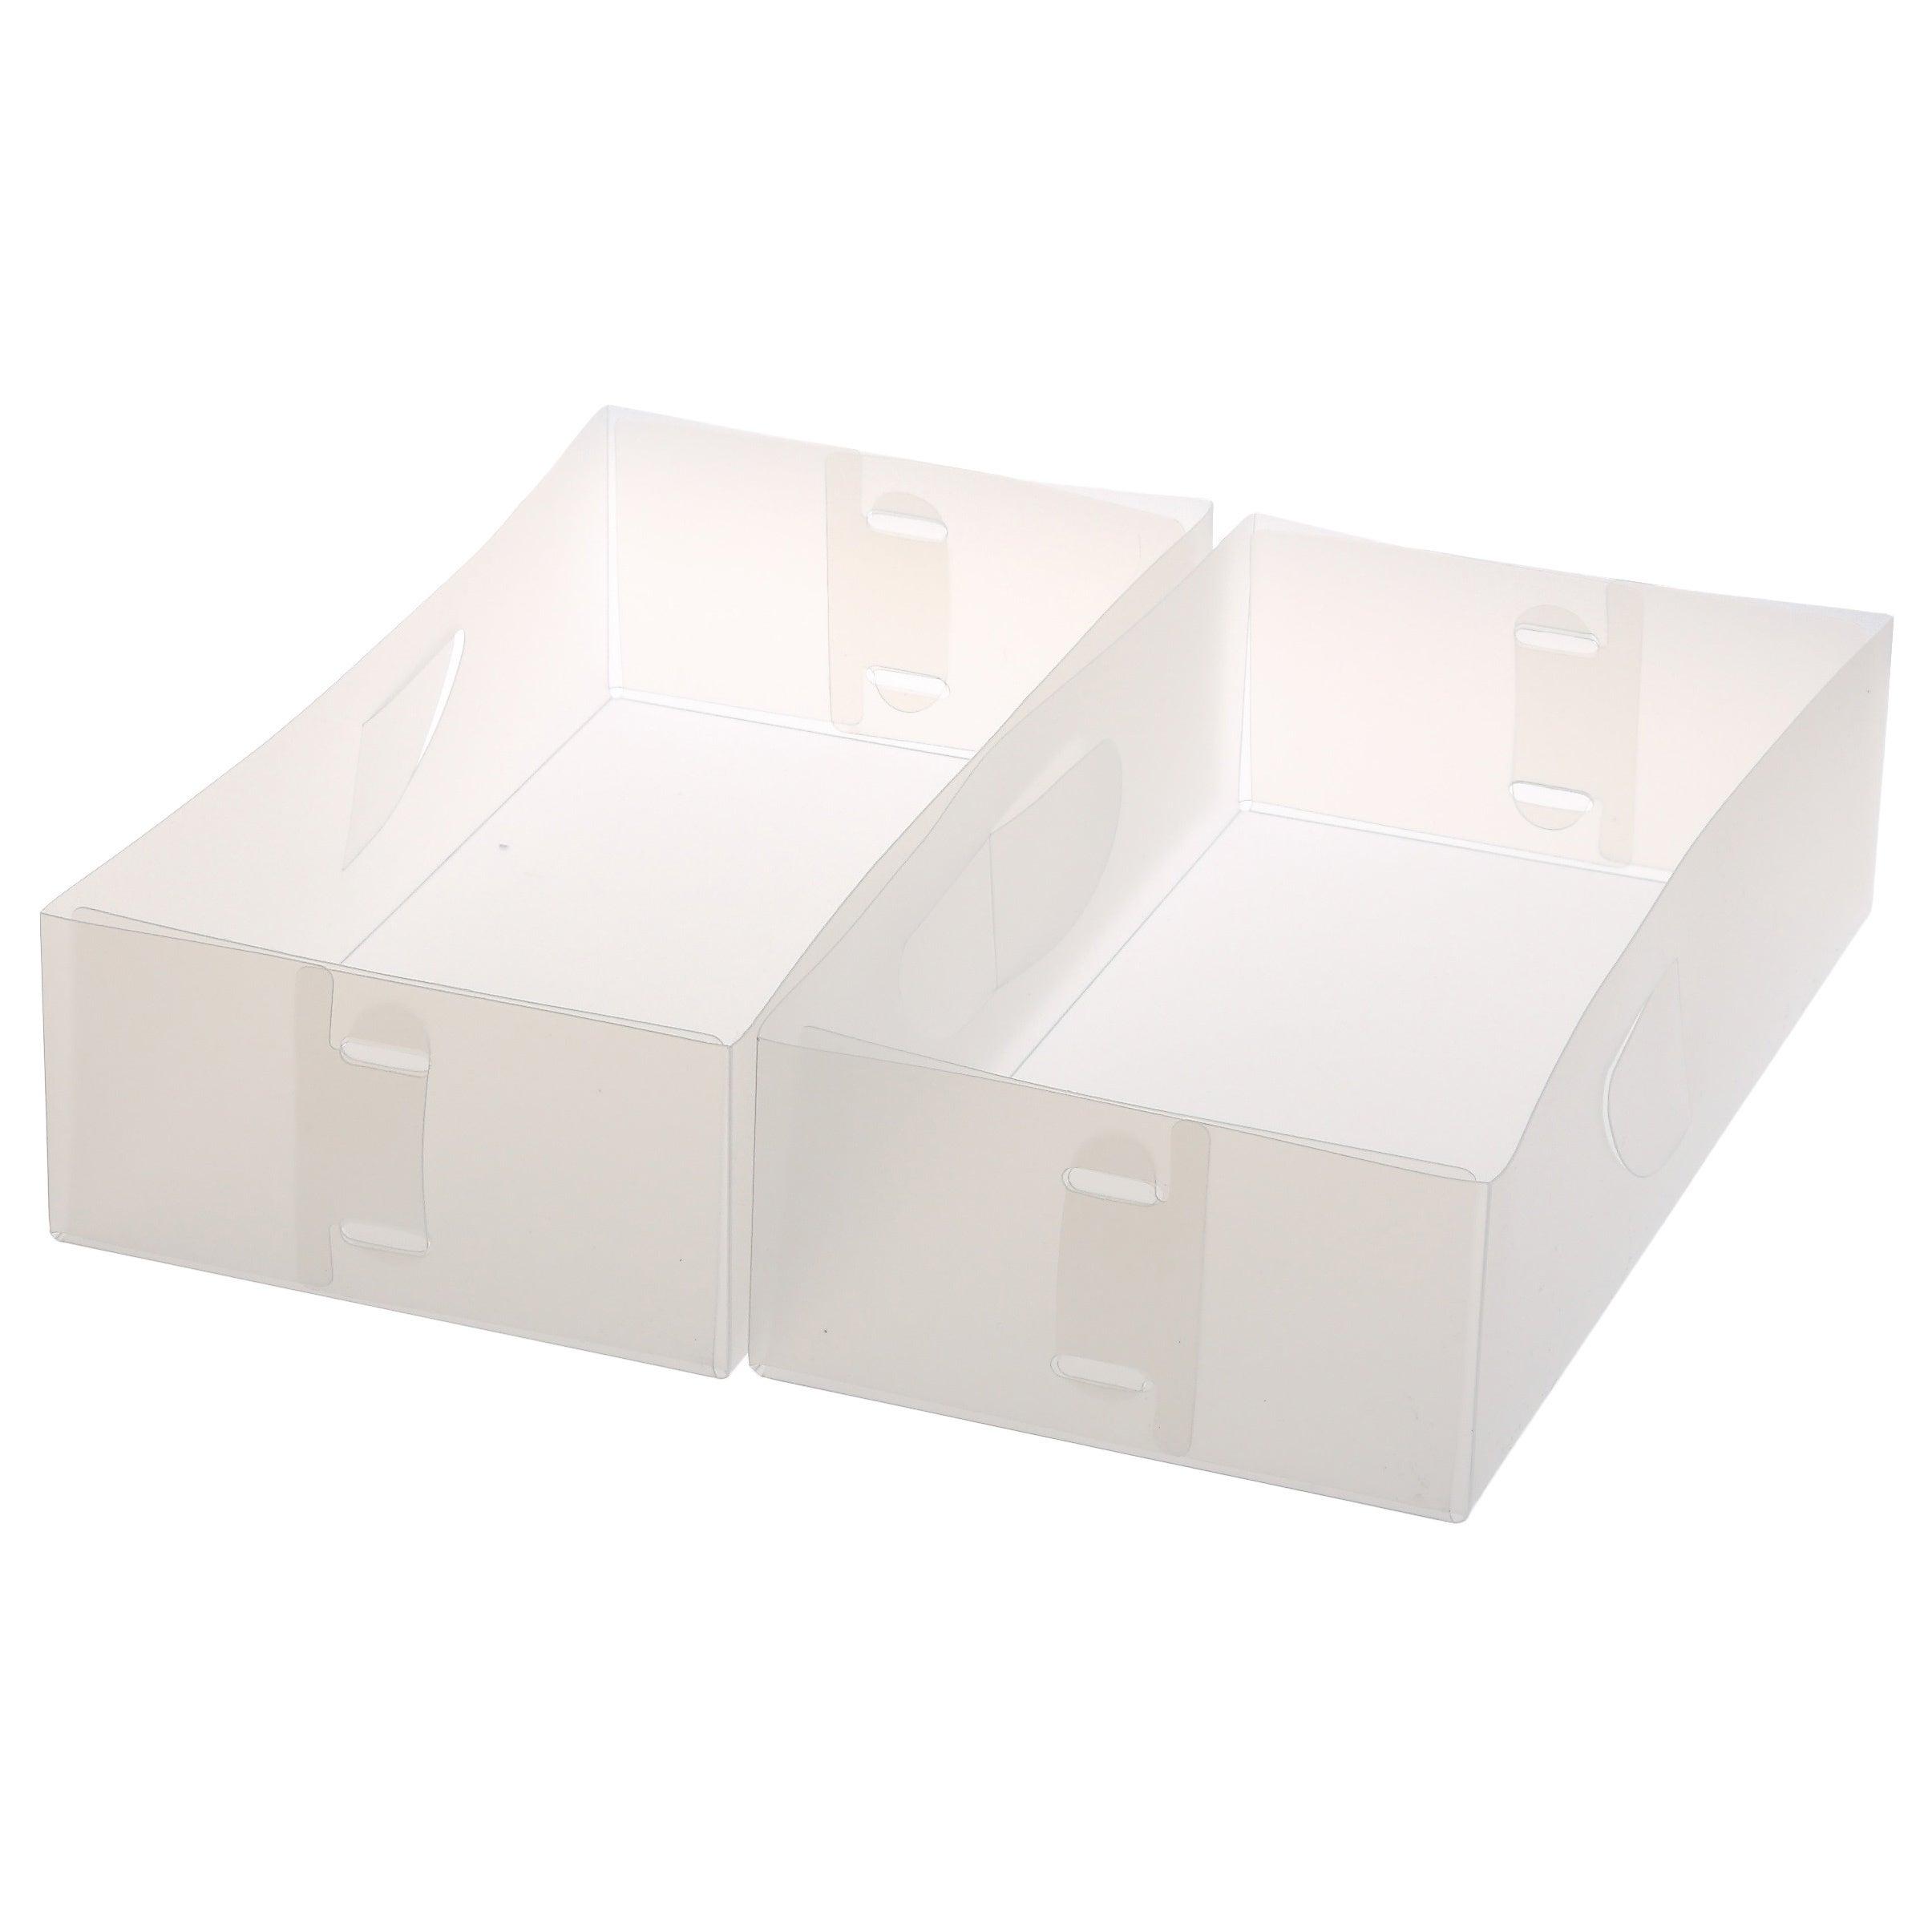 Shop Ybm Home Closet Dresser Drawer Divider Storage Foldable